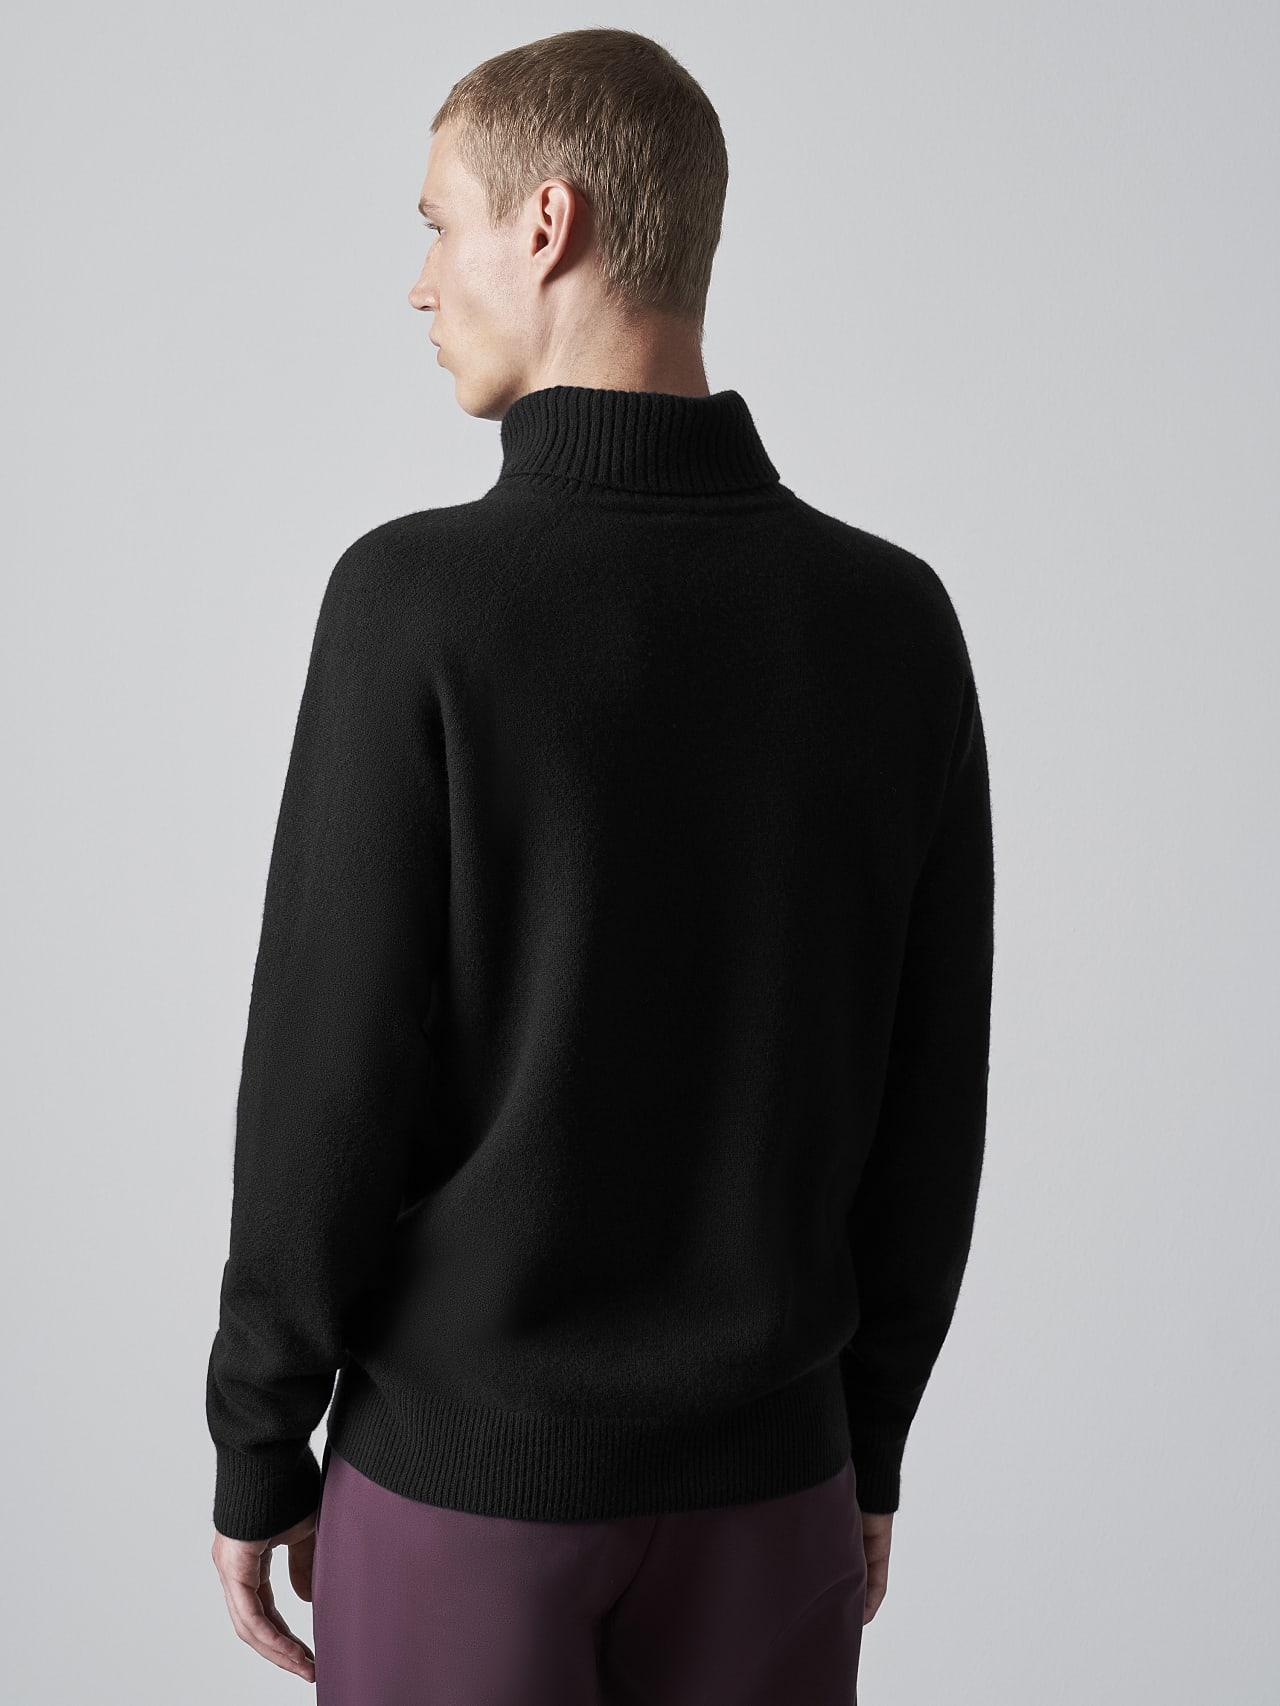 FLUCK V2.Y5.02 Seamless 3D Knit Cashmere-Blend Turtle Neck black Front Main Alpha Tauri